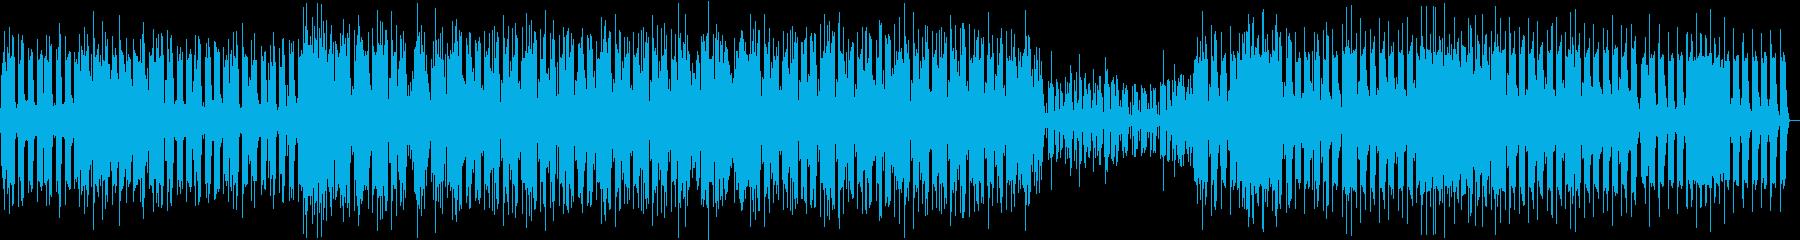 シンプルなミニマルテクノの再生済みの波形